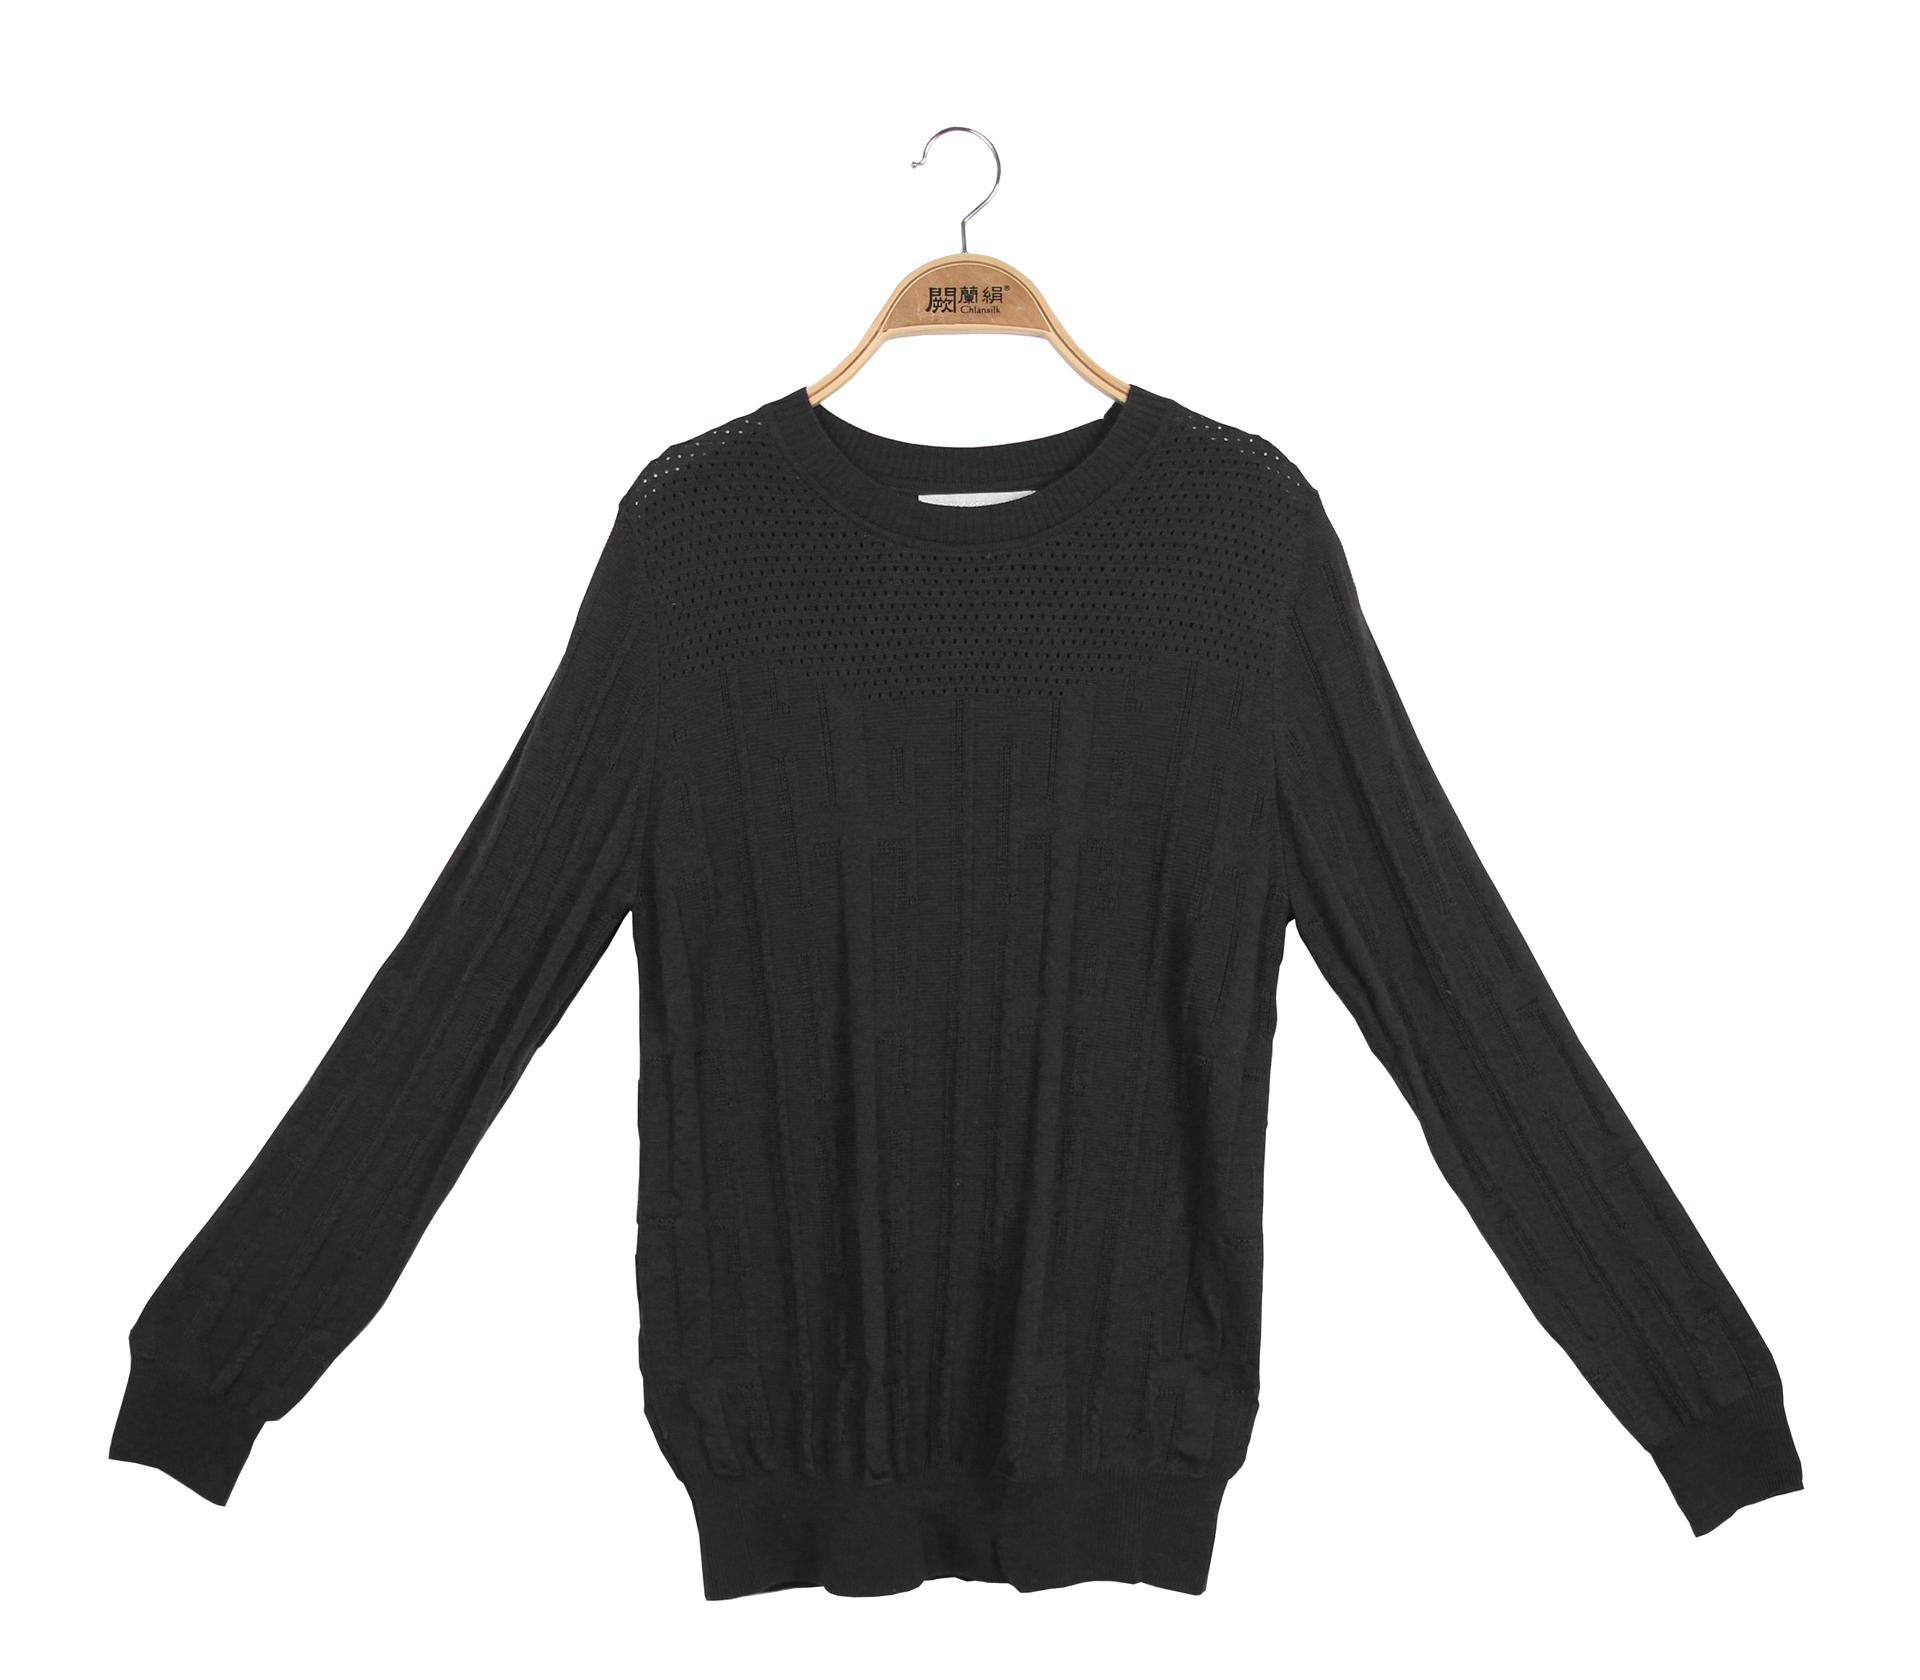 闕蘭絹極簡舒適羊毛蠶絲針織長袖上衣 - 黑色 - 6638